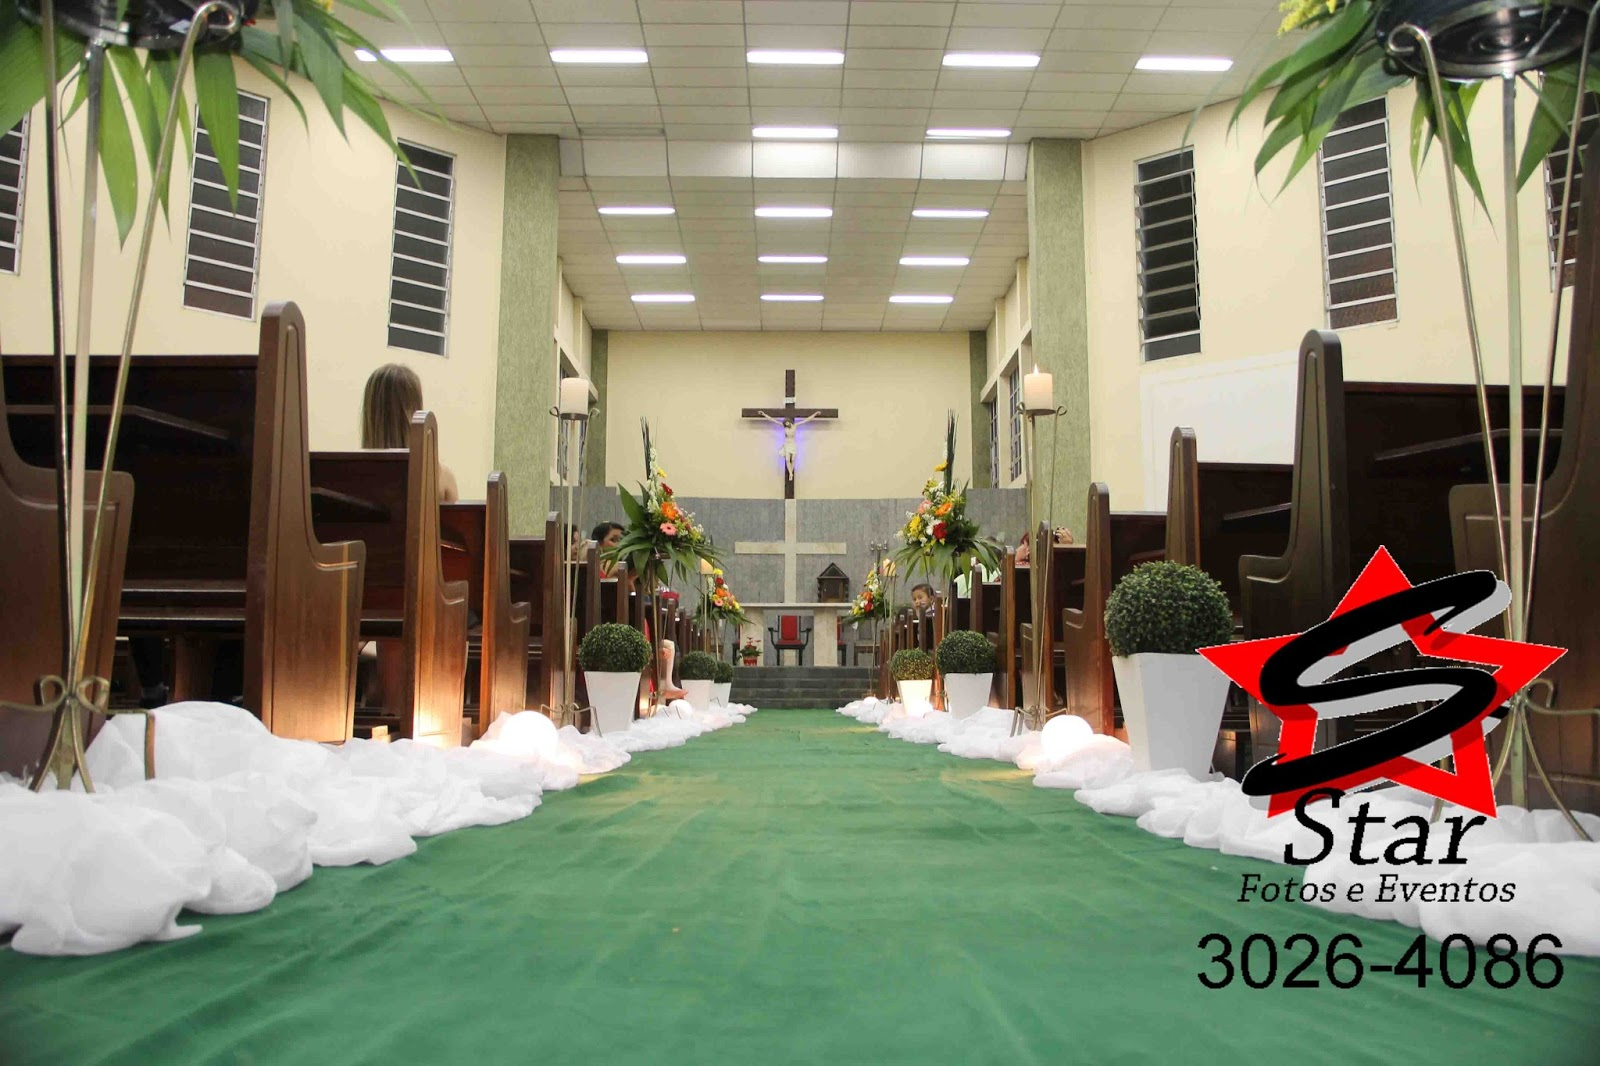 Eventos Joinville Decoração para eventos 4730264086